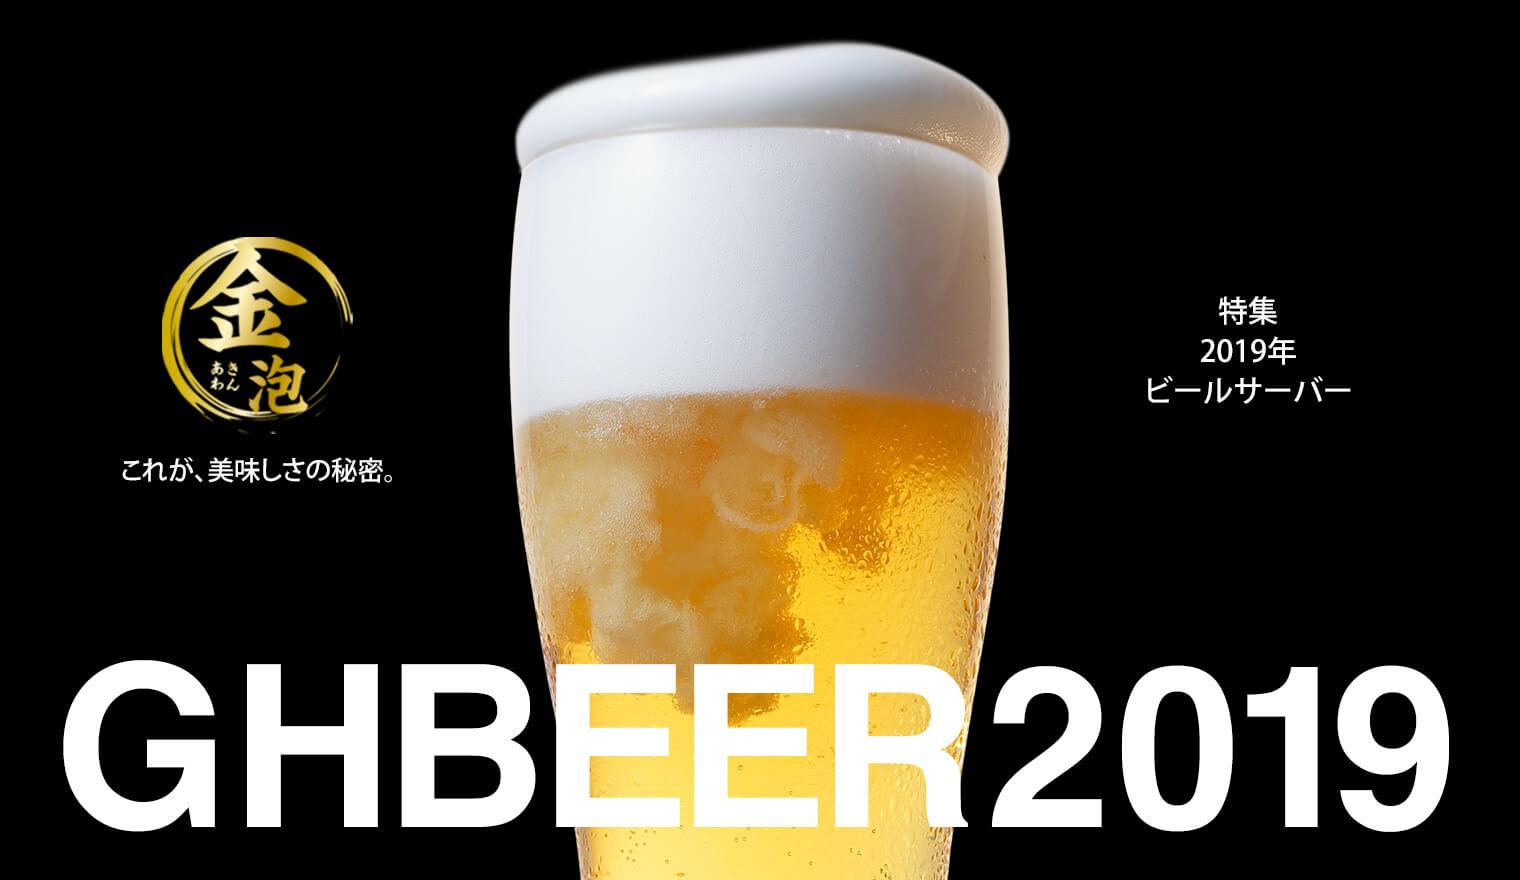 2019年ビールサーバー特集